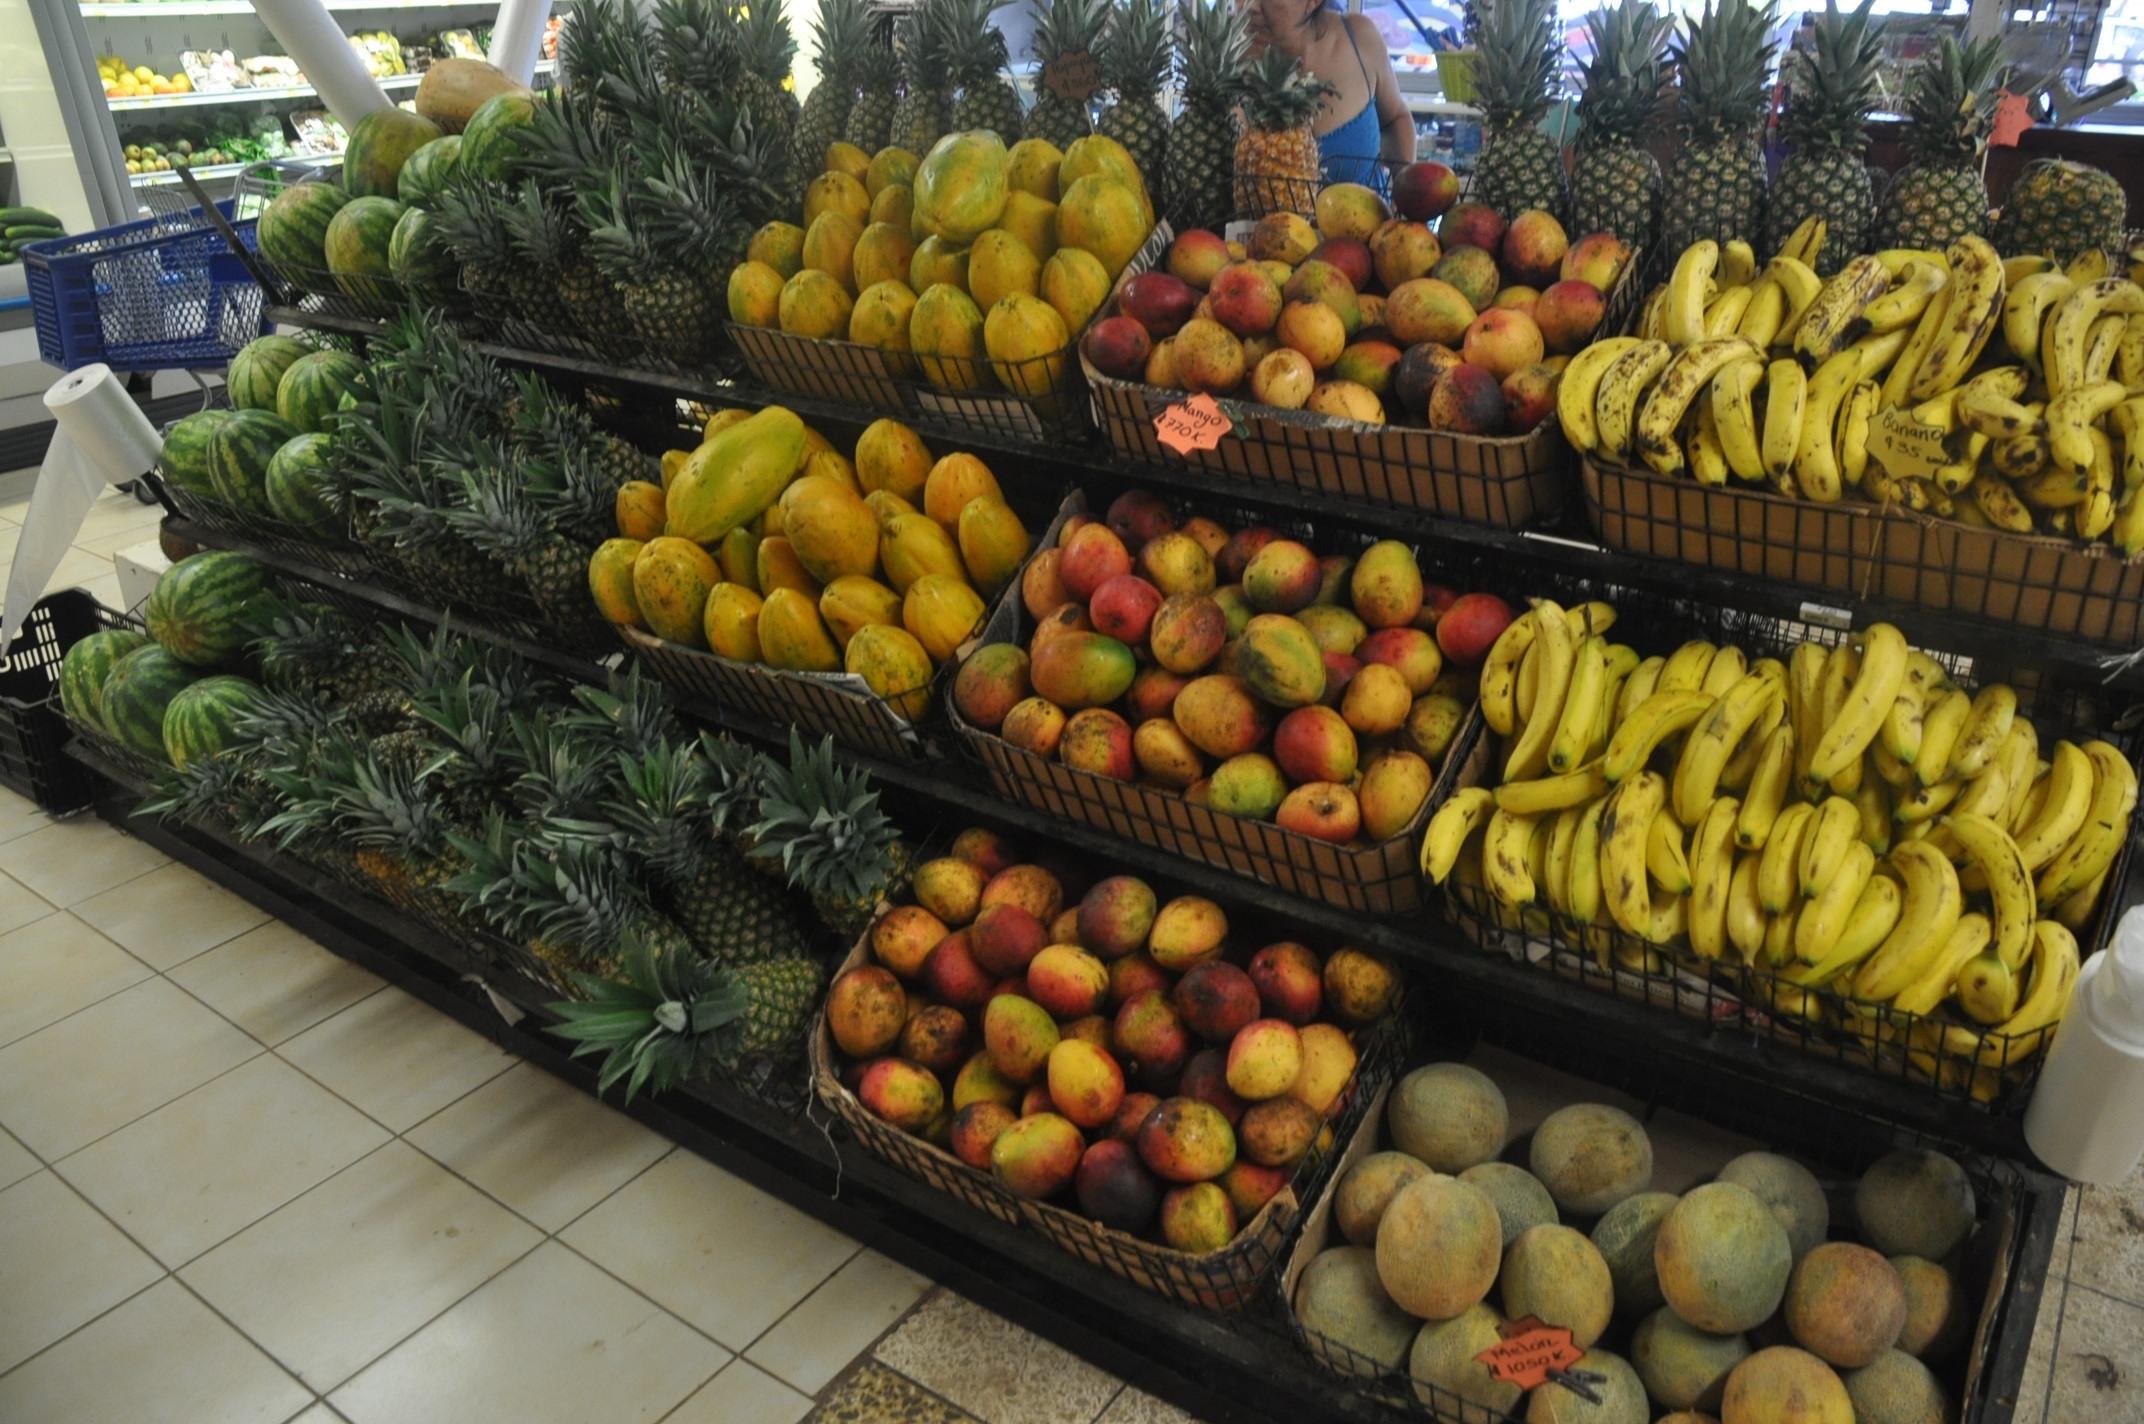 uvita grocery store fruit